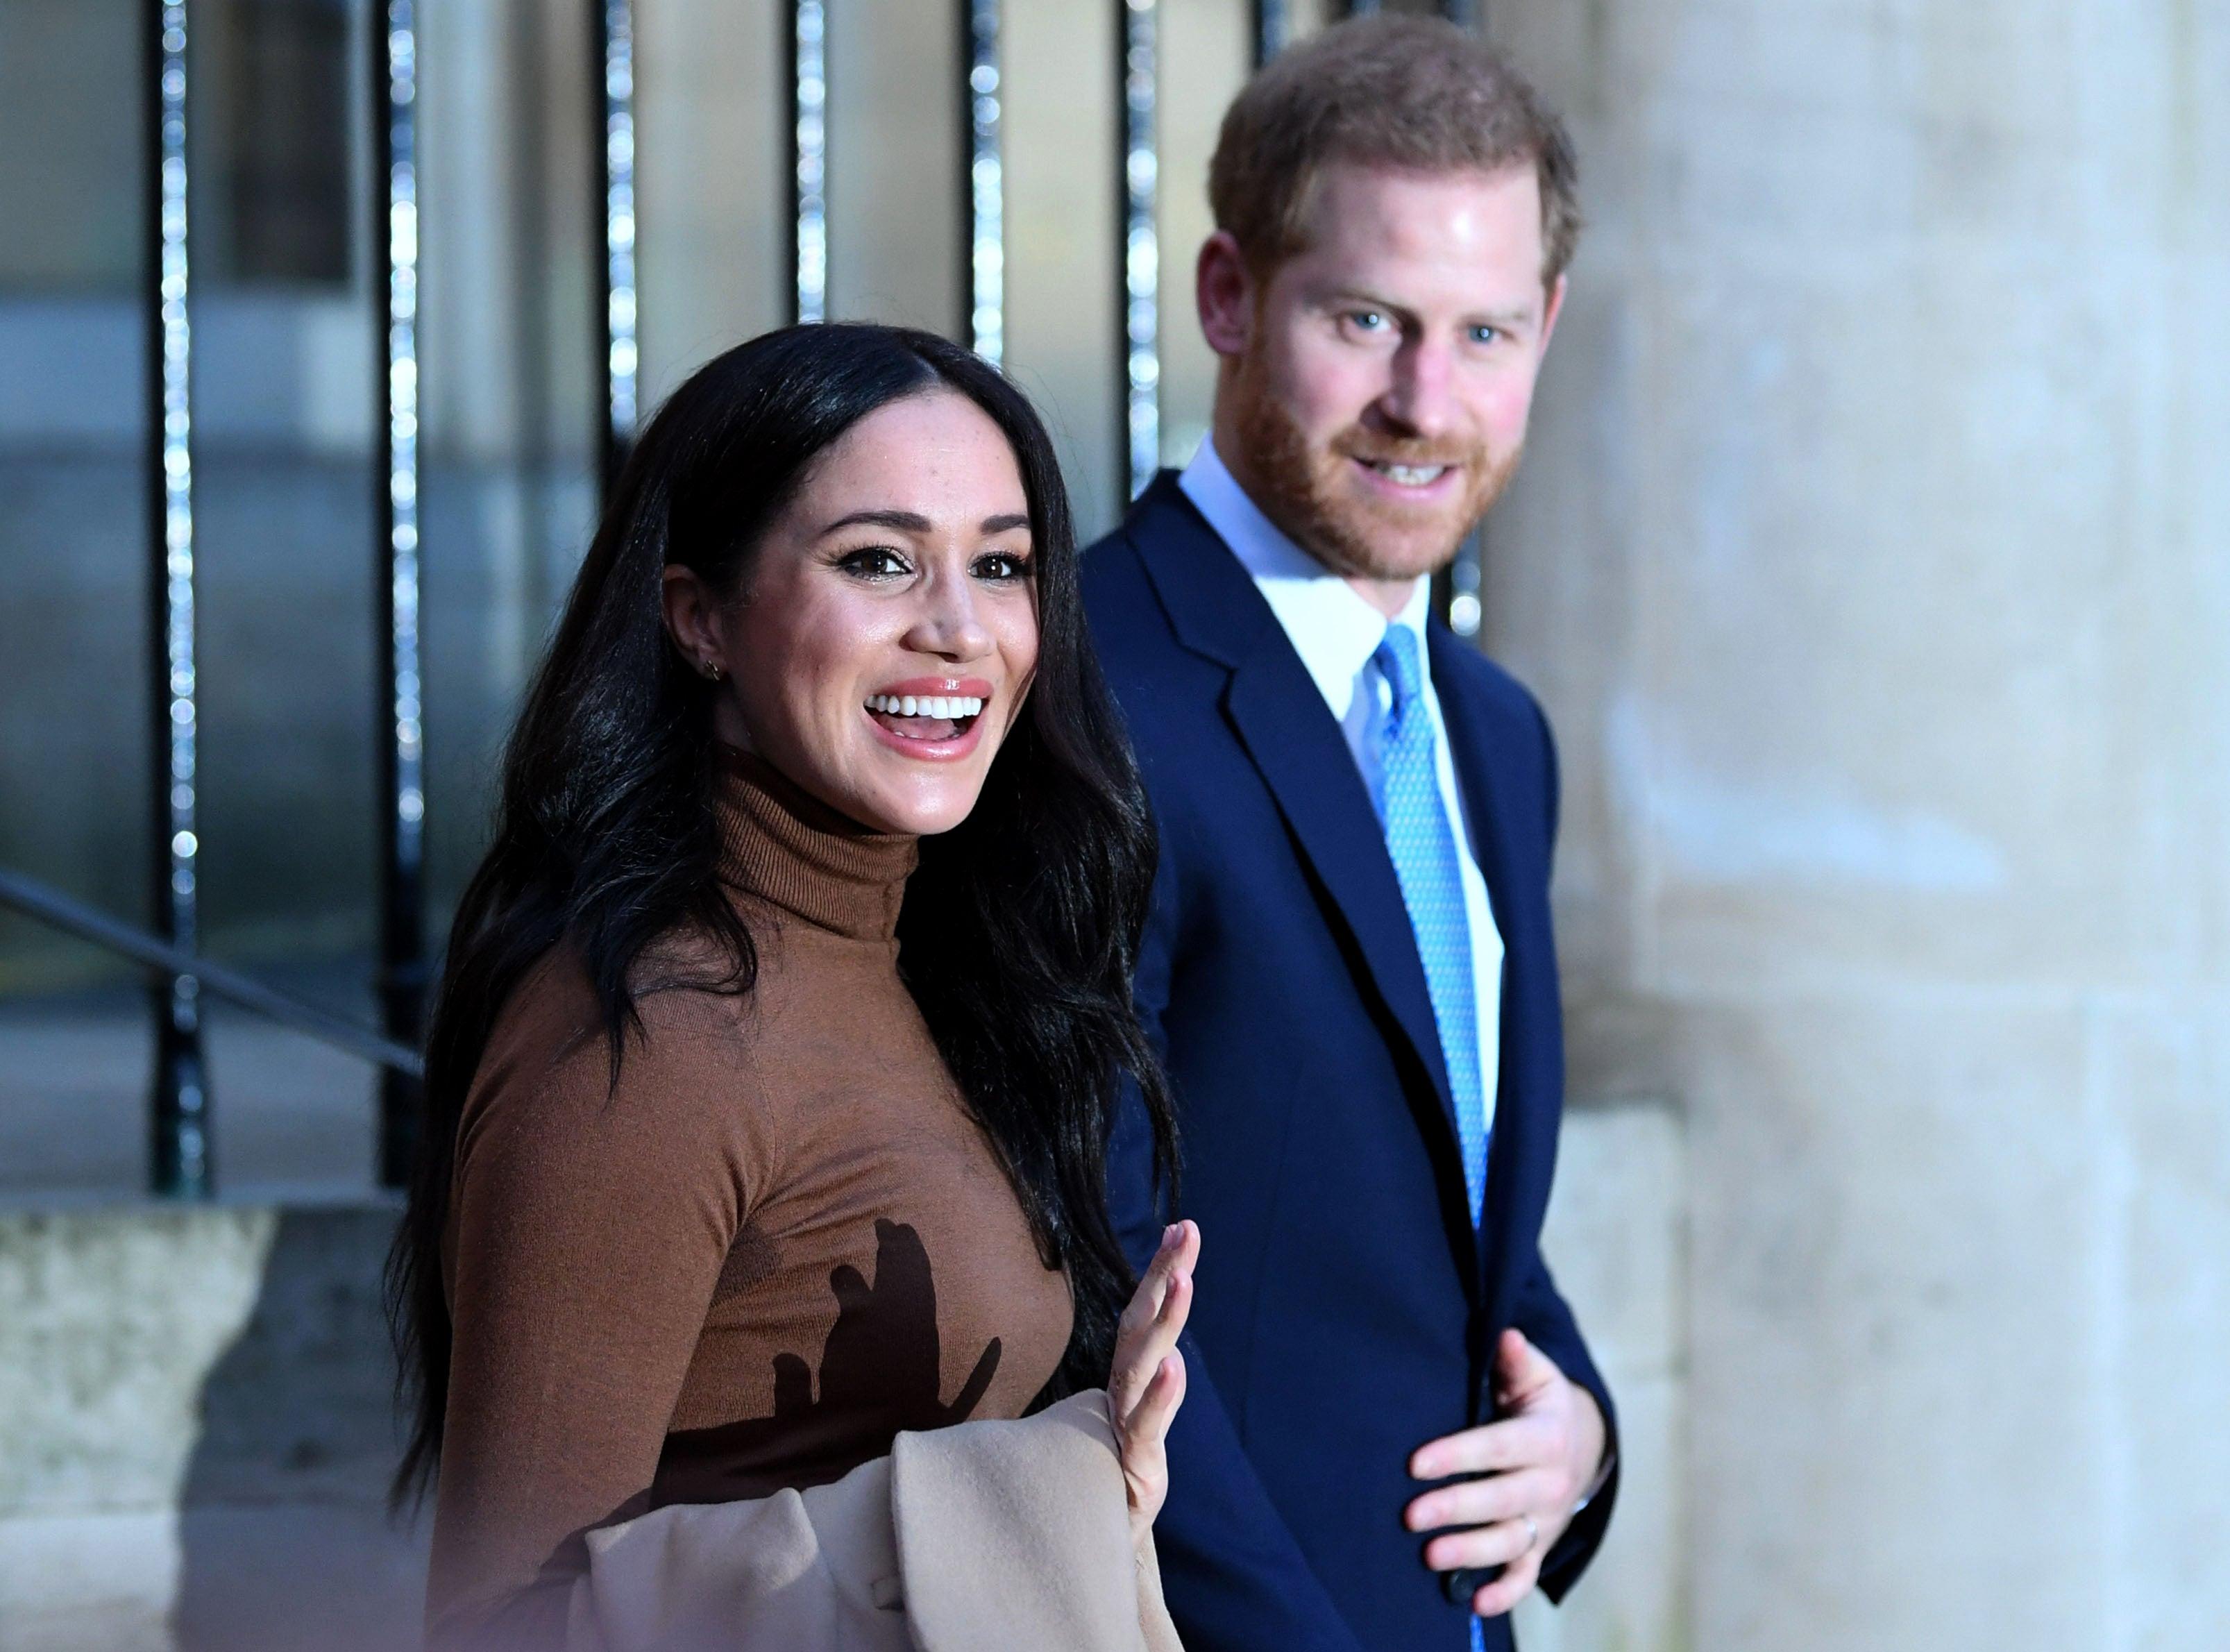 Princ Harry a vévodkyně Meghan v Londýně, 7. ledna 2020 Autor: DANIEL LEAL-OLIVAS - WPA Pool/Getty Images